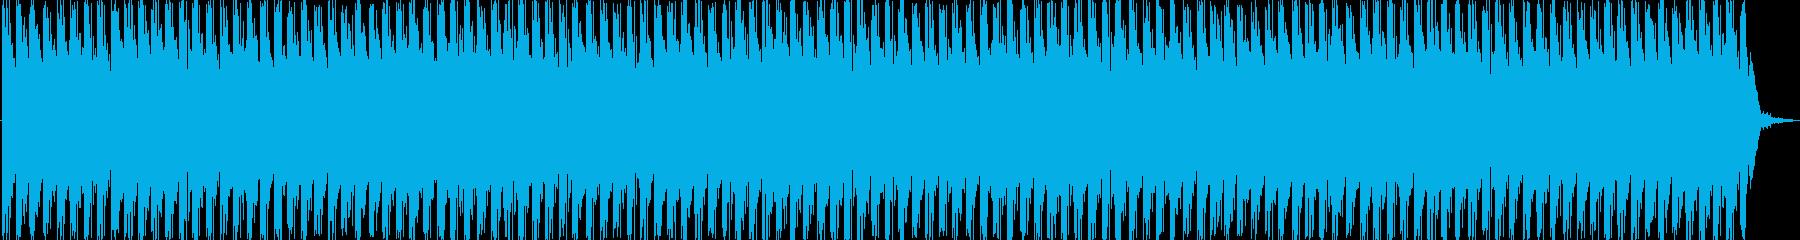 軽快でわくわくするエレクトロニカの再生済みの波形